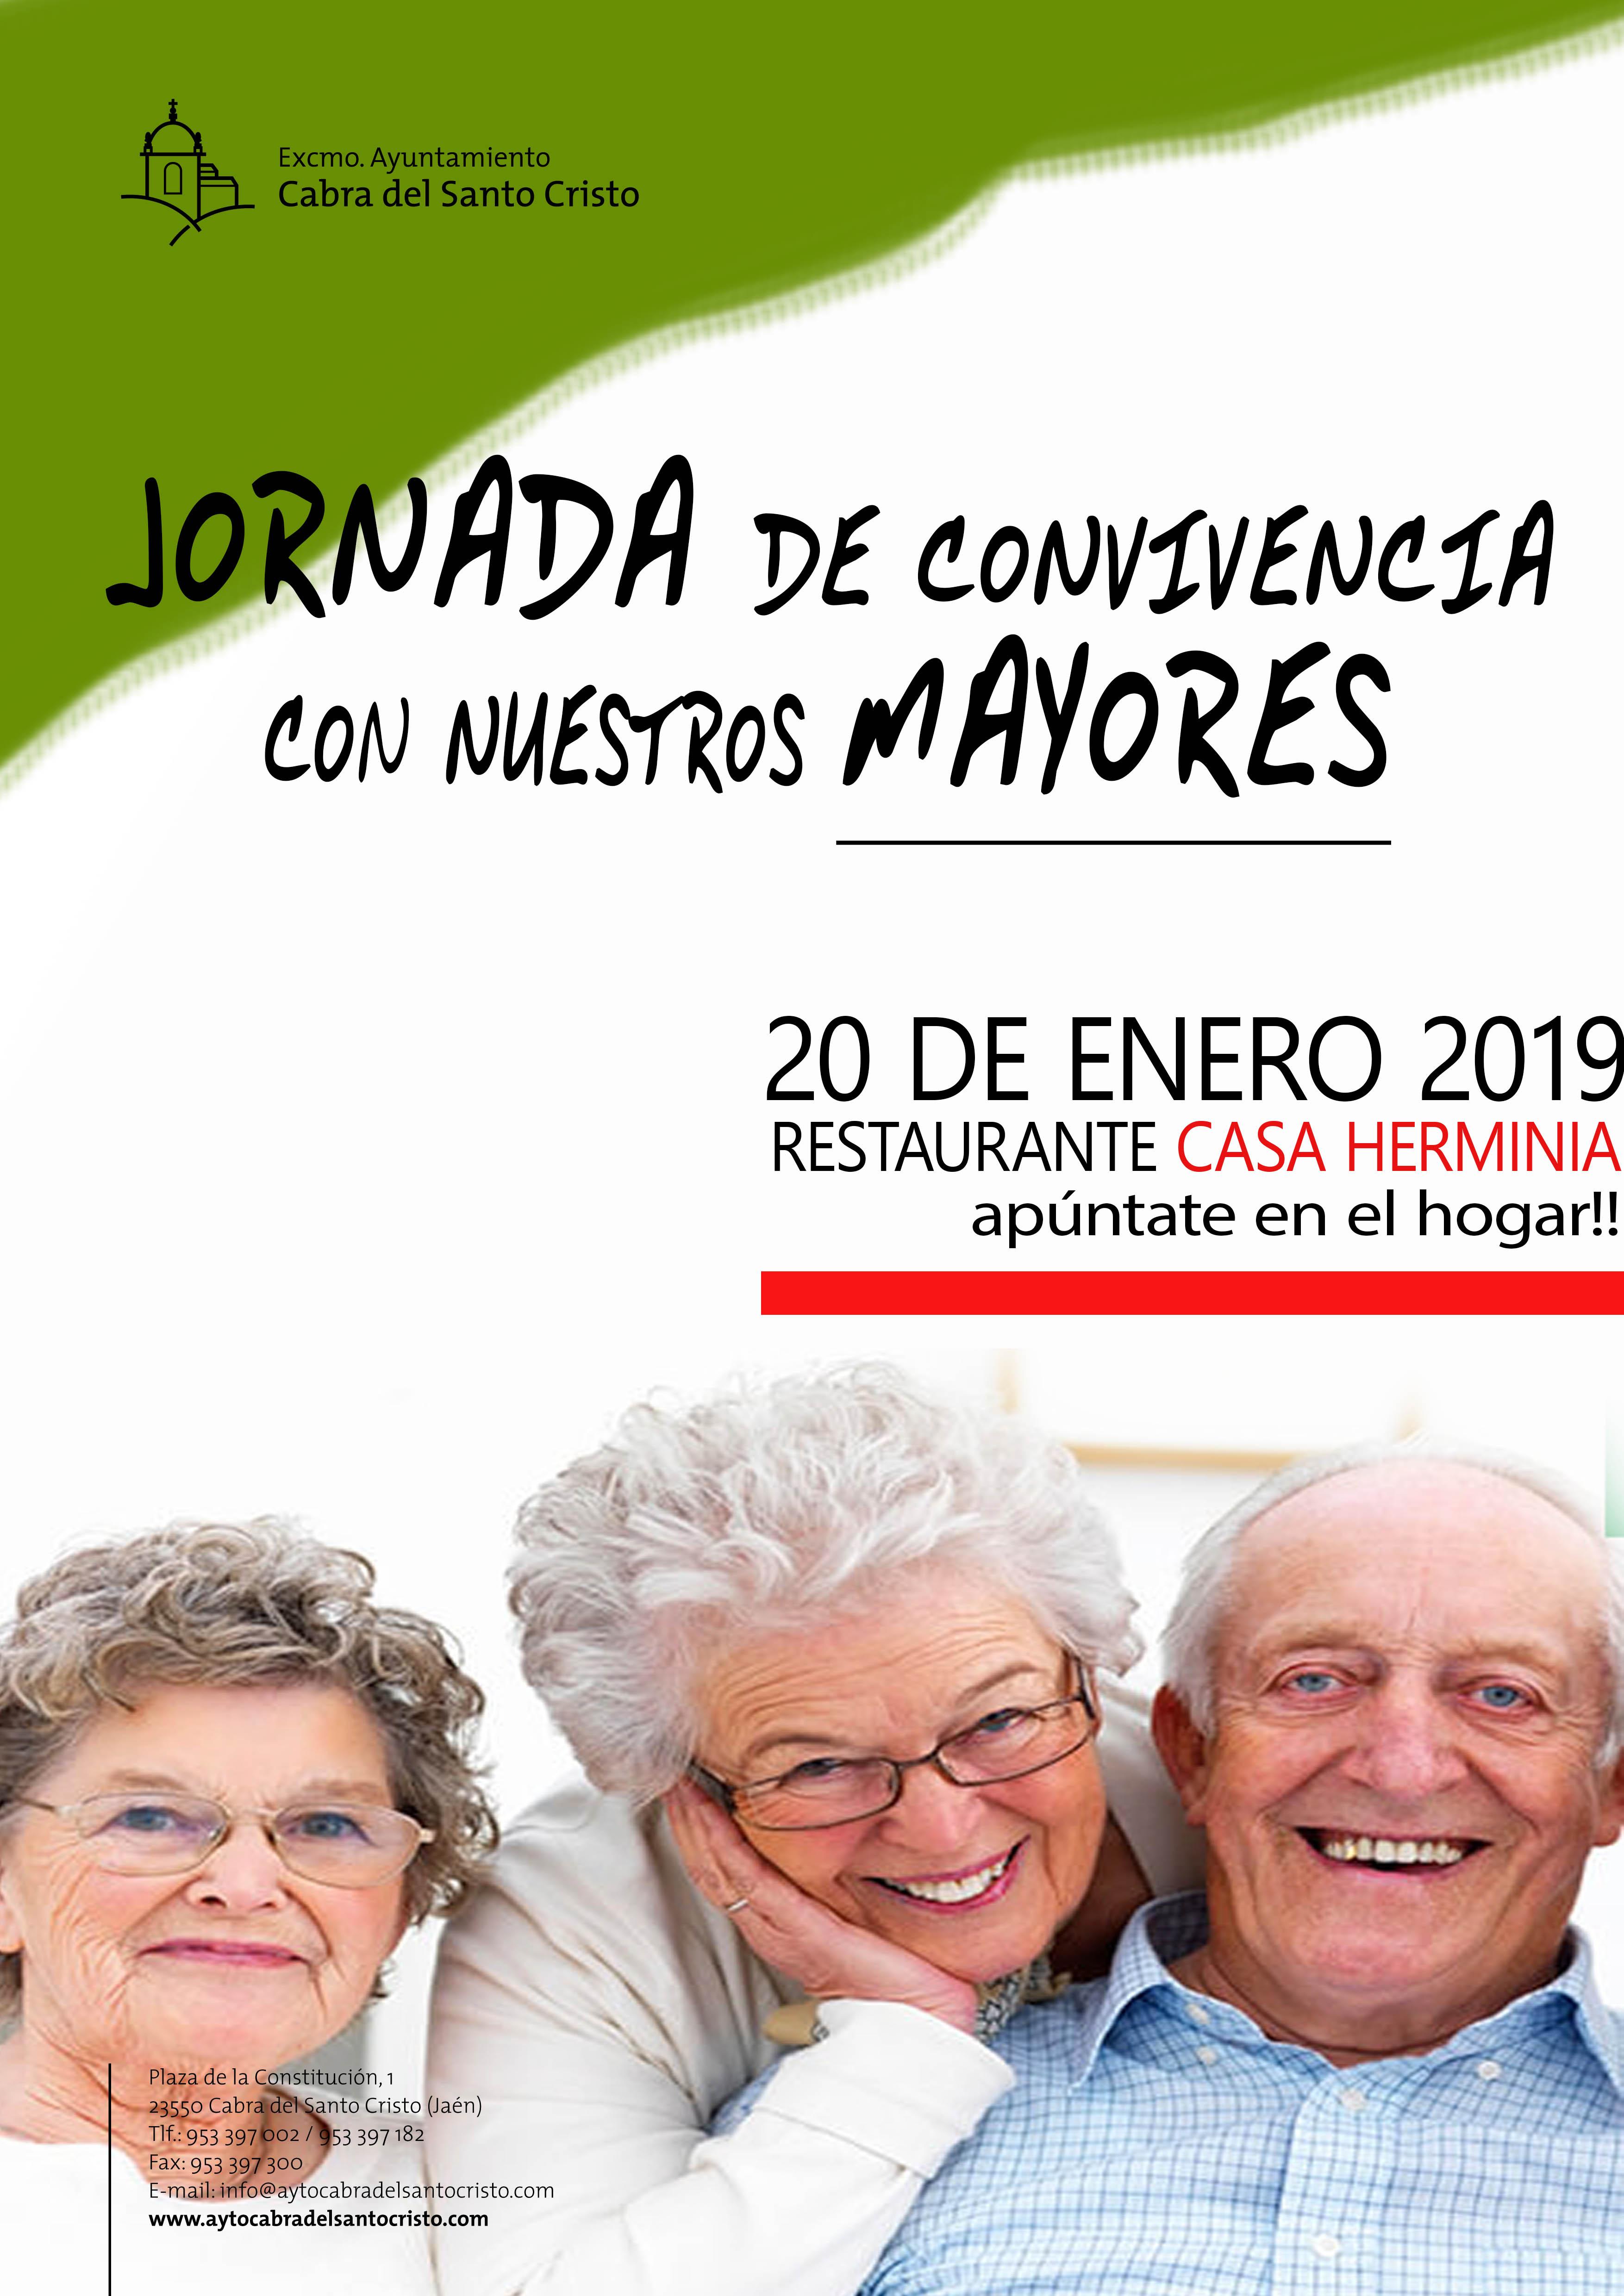 Jornada de convivencia con nuestros mayores